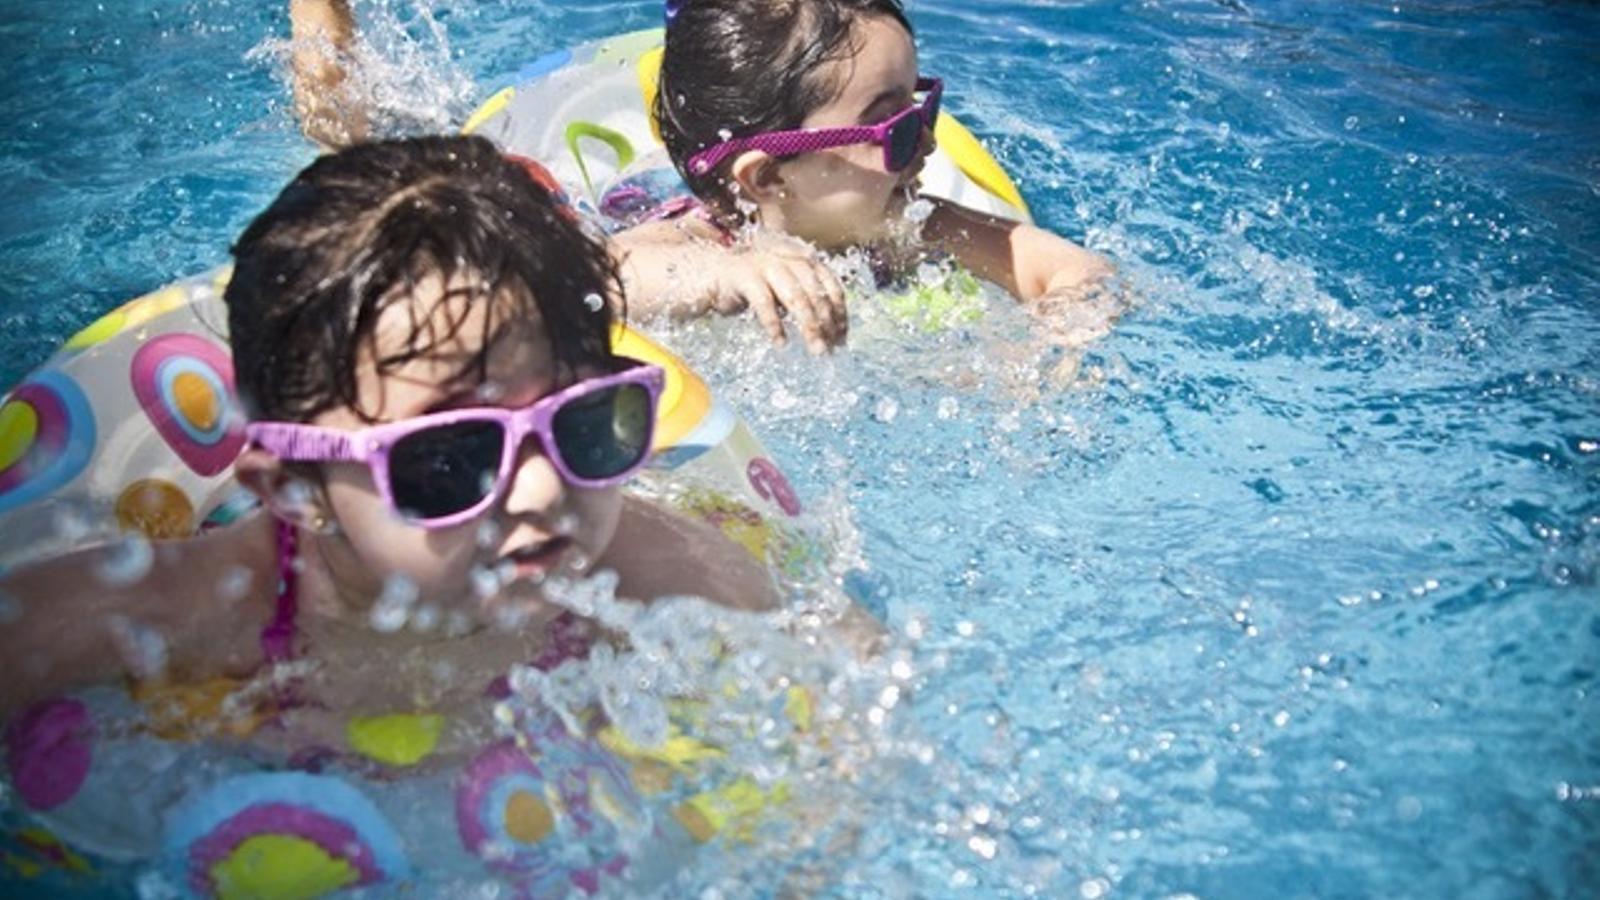 Participació: Fan massa vacances els nens? Entra aquí i digue'ns la teva opinió